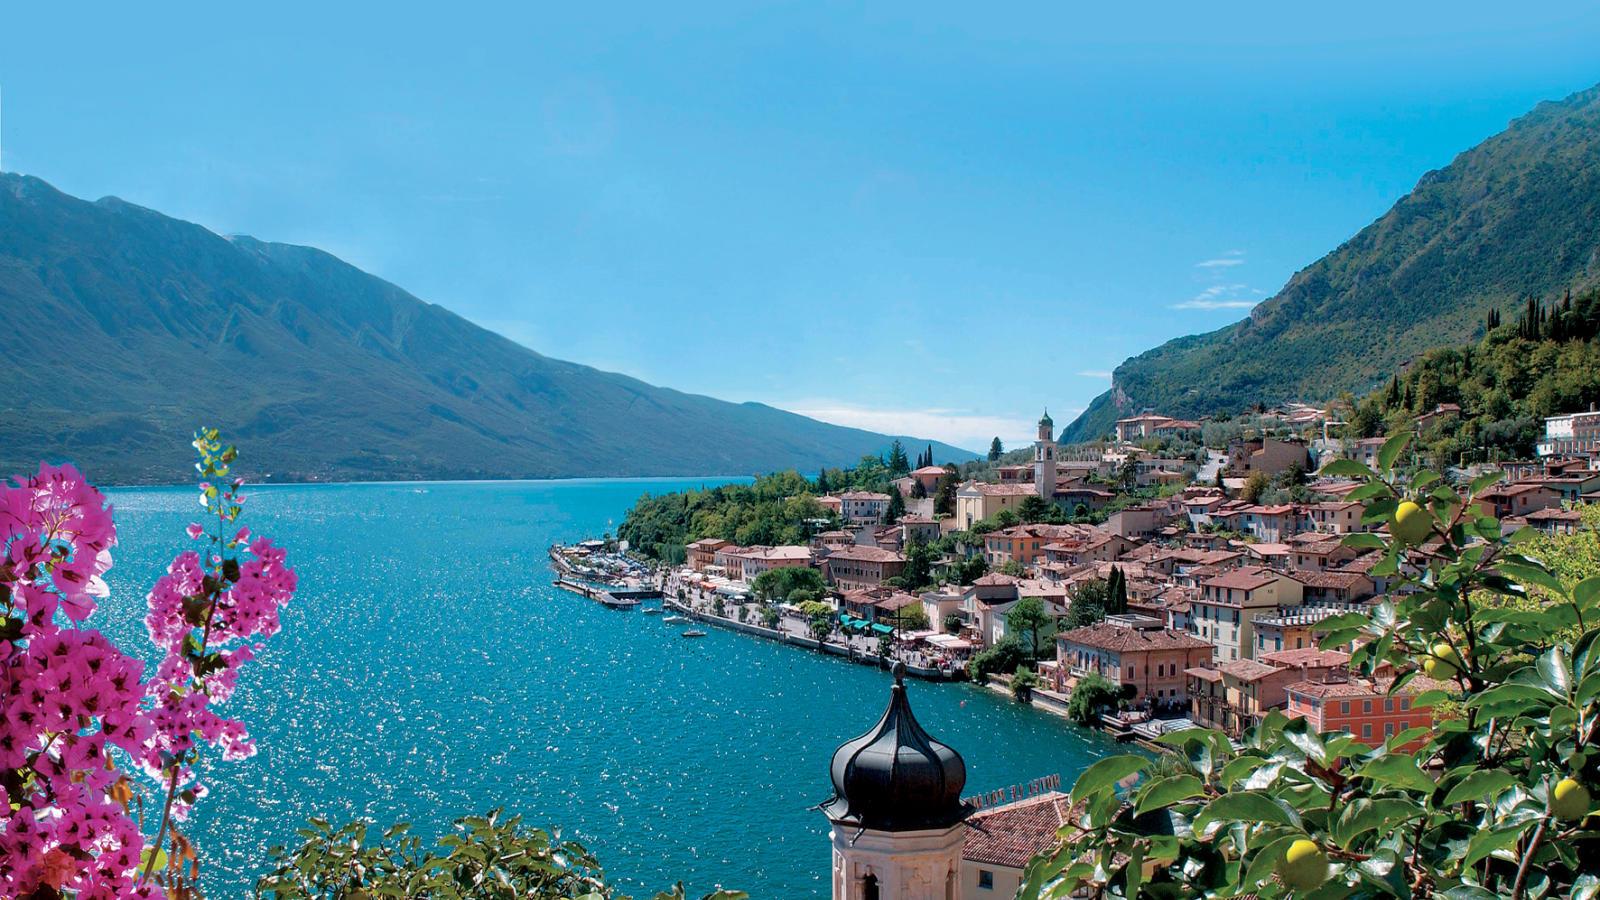 Lago-di-Garda-Italija